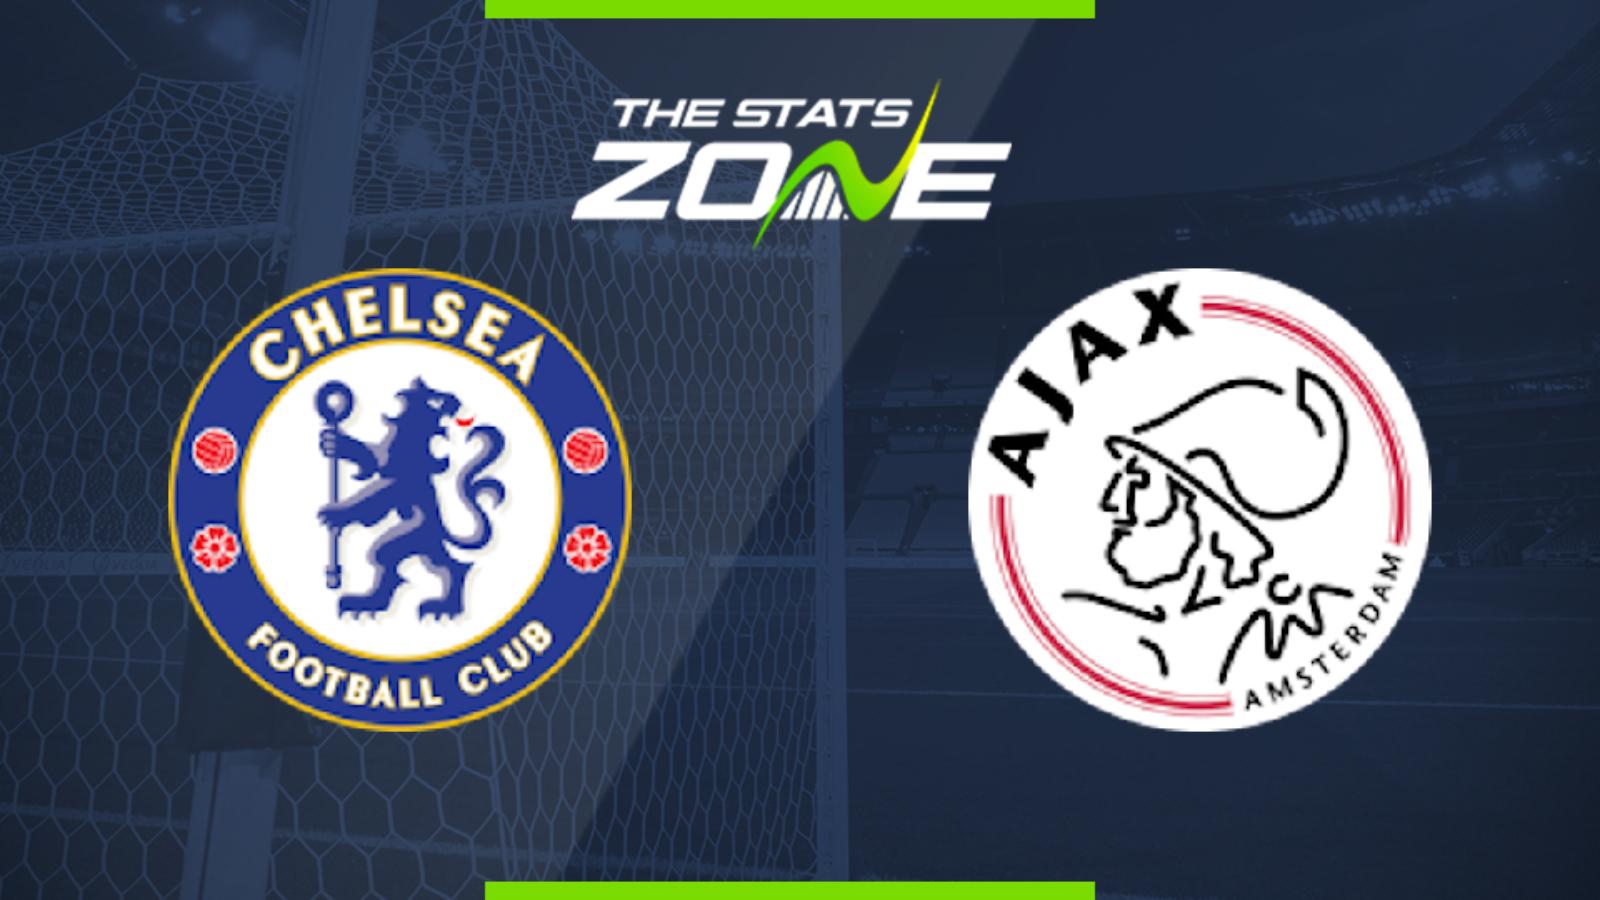 2019 20 Uefa Champions League Chelsea Vs Ajax Preview